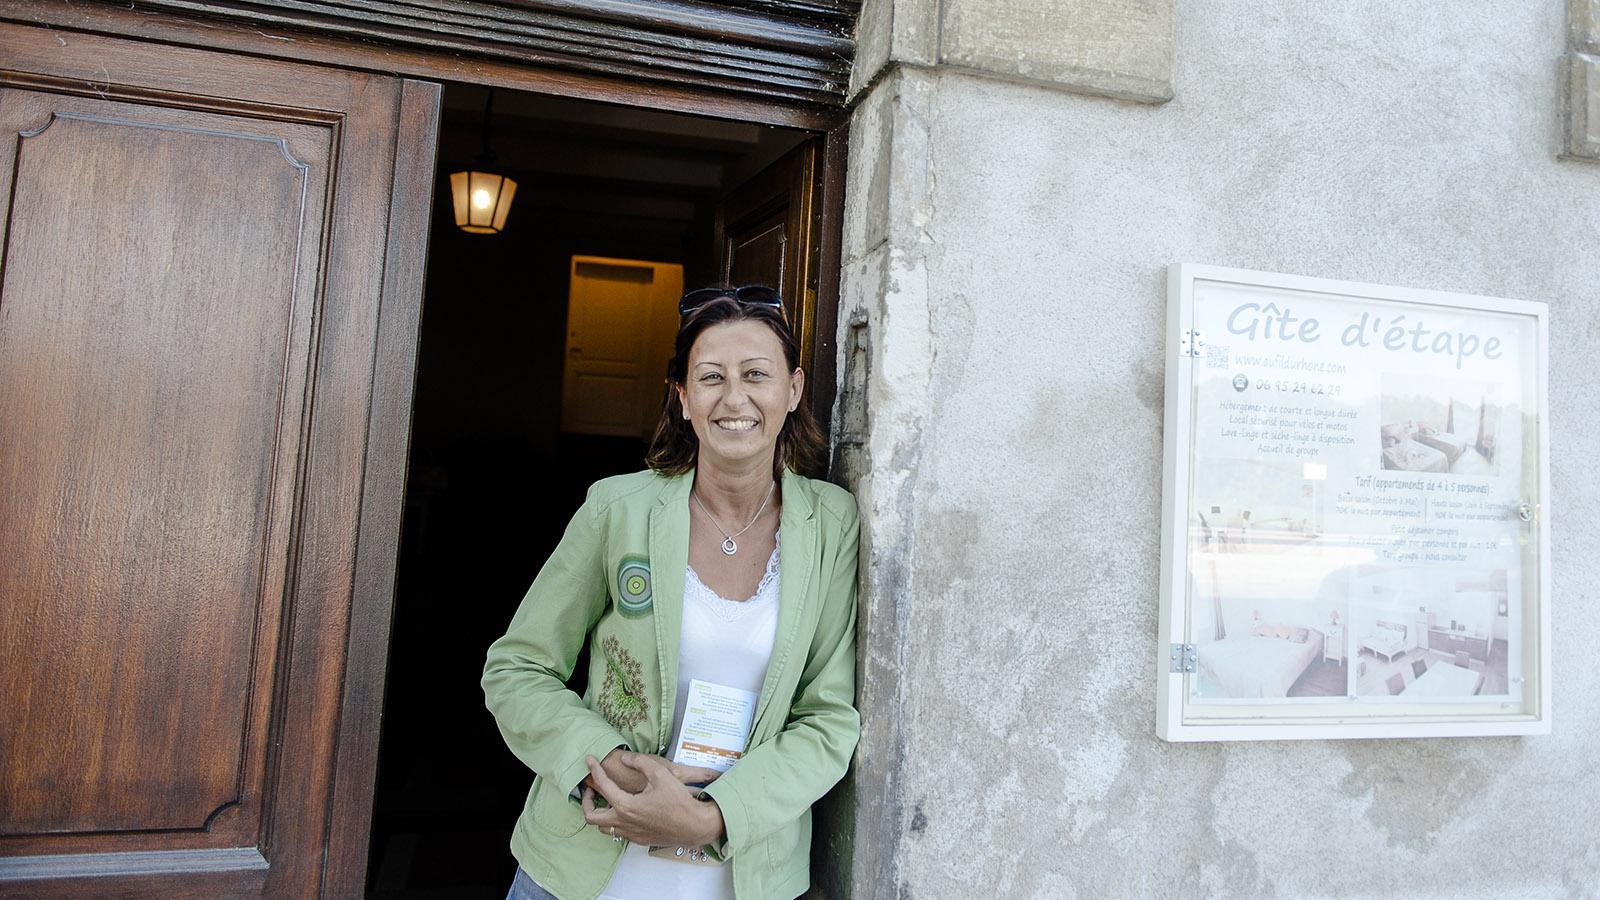 Bourg Saint-Andéol: Valérie Leymarie hat in ihrem alten Stadtpalais trendige moderne Gästezimmer eingerichtet. Foto: Hilke Mander